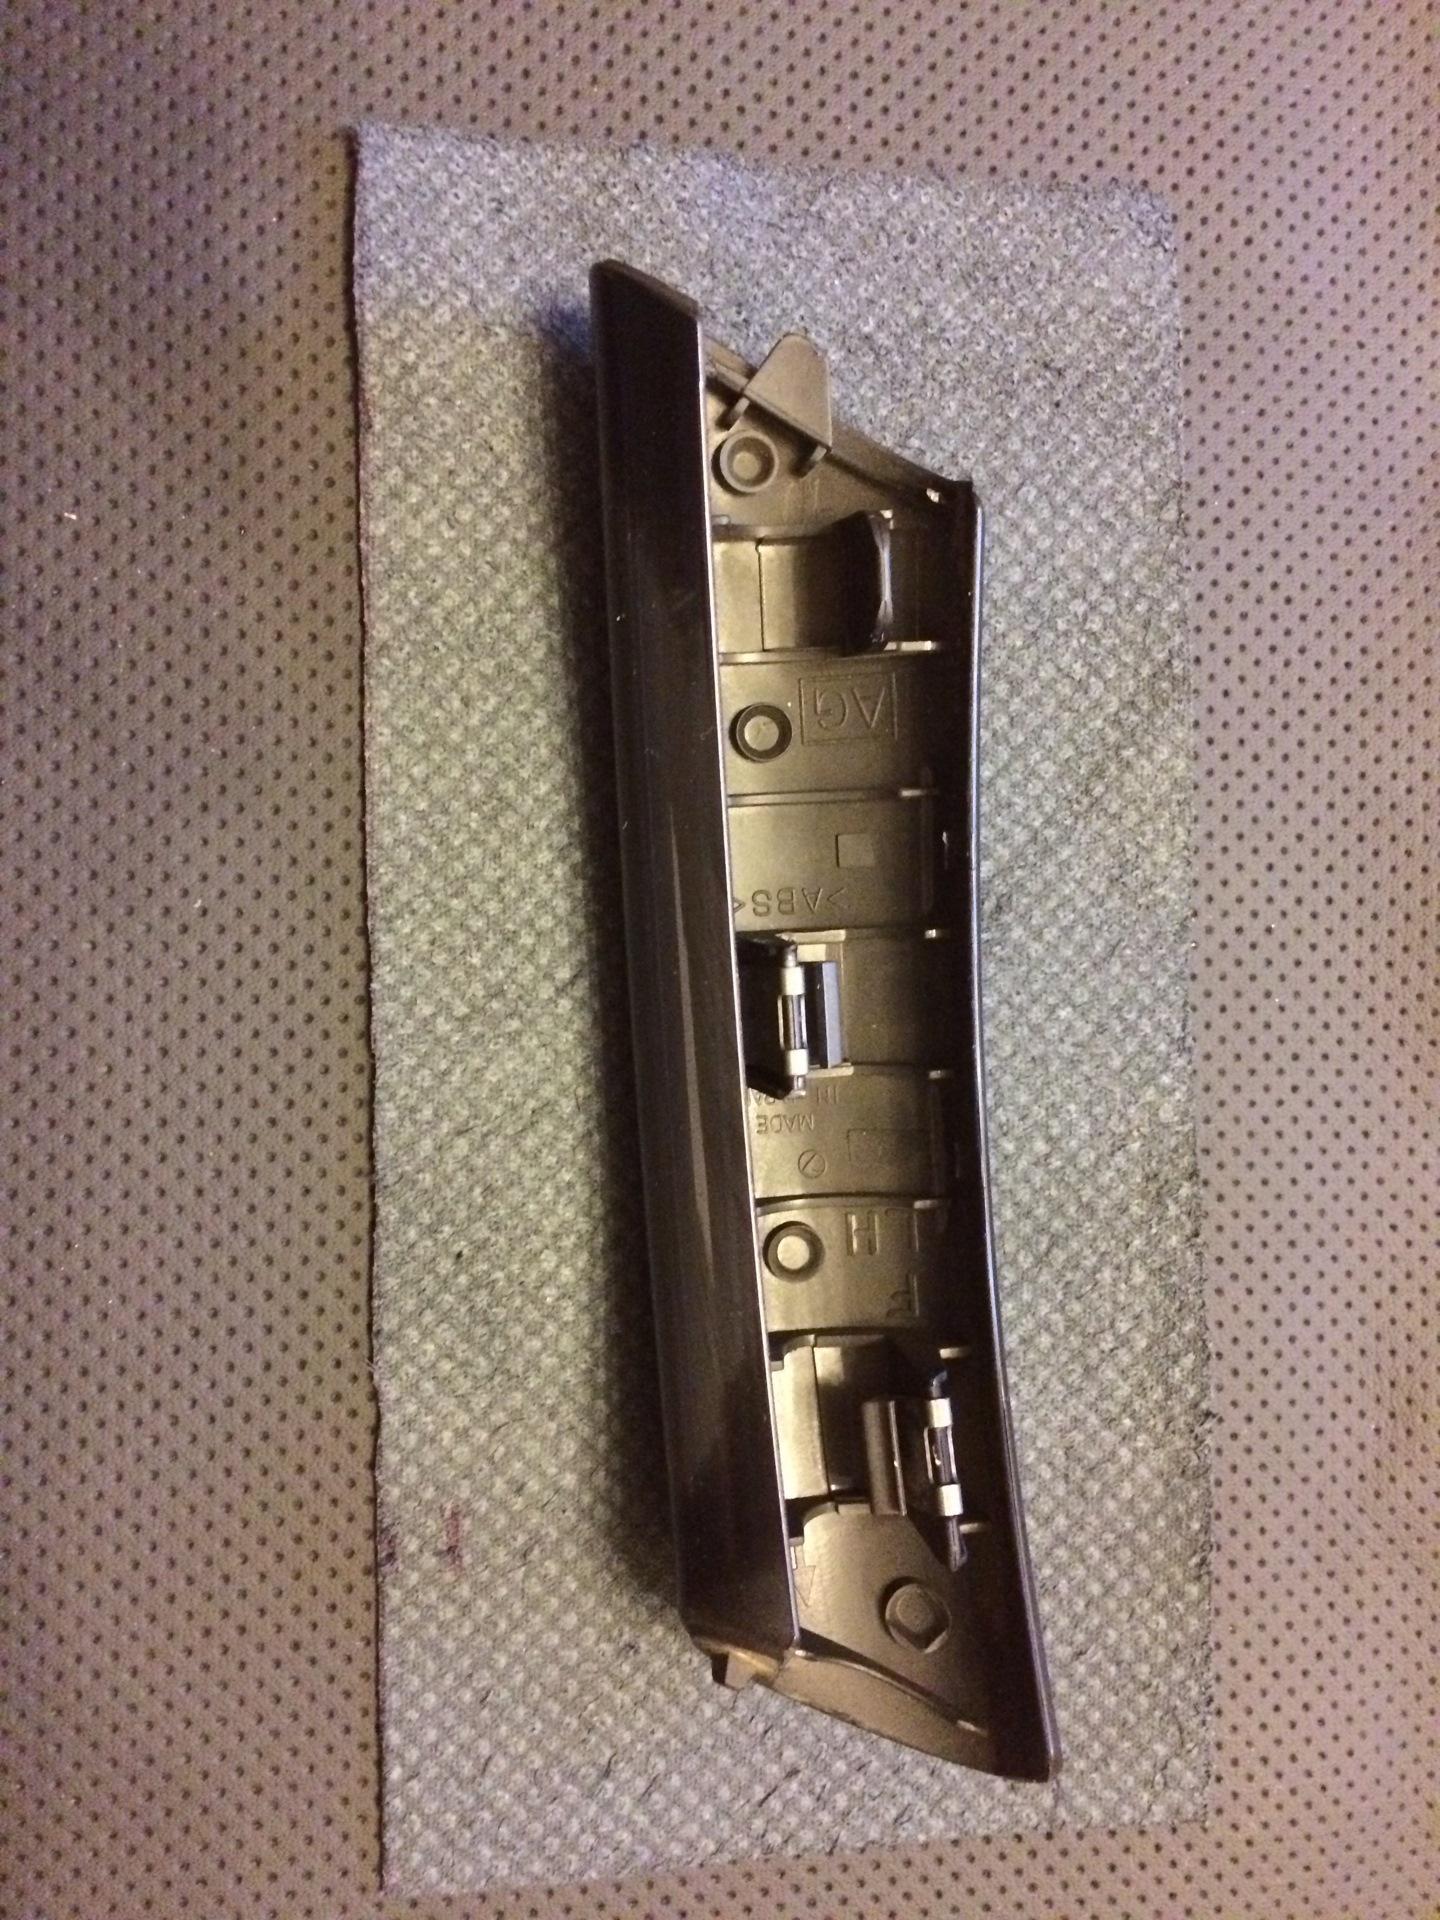 Дверные ручки сделанные своими руками фото 757